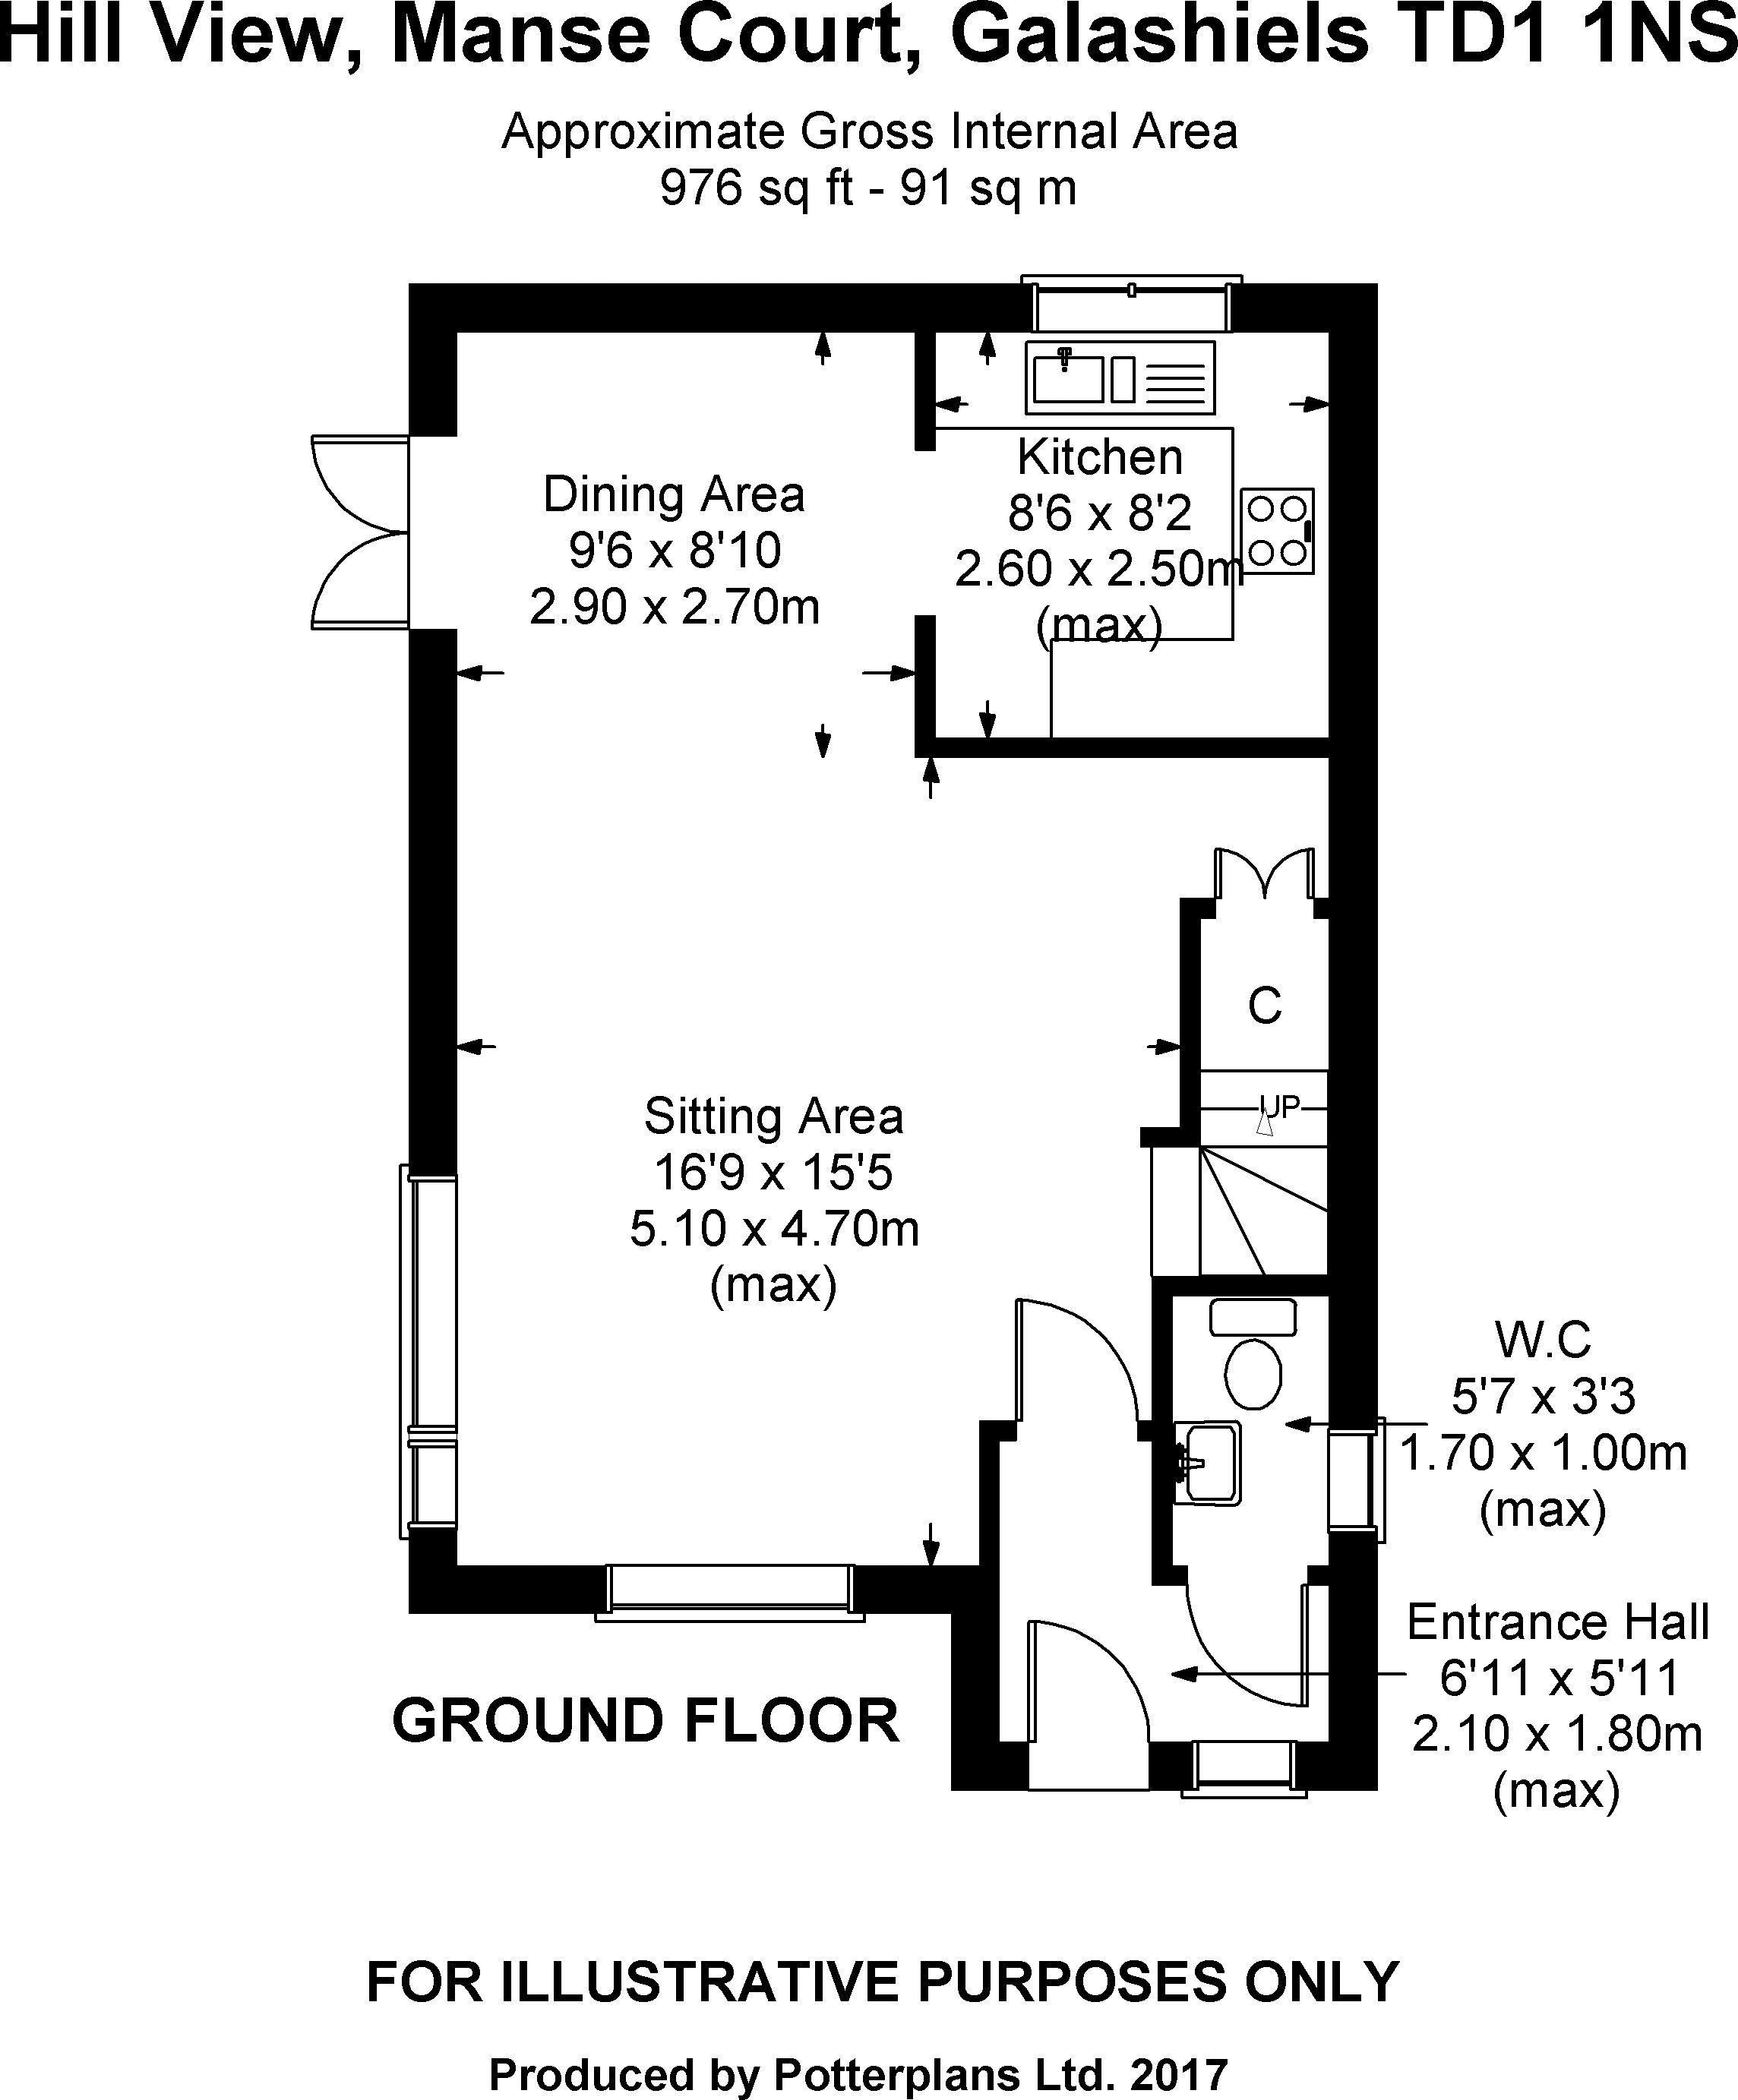 Hill View Ground Floor